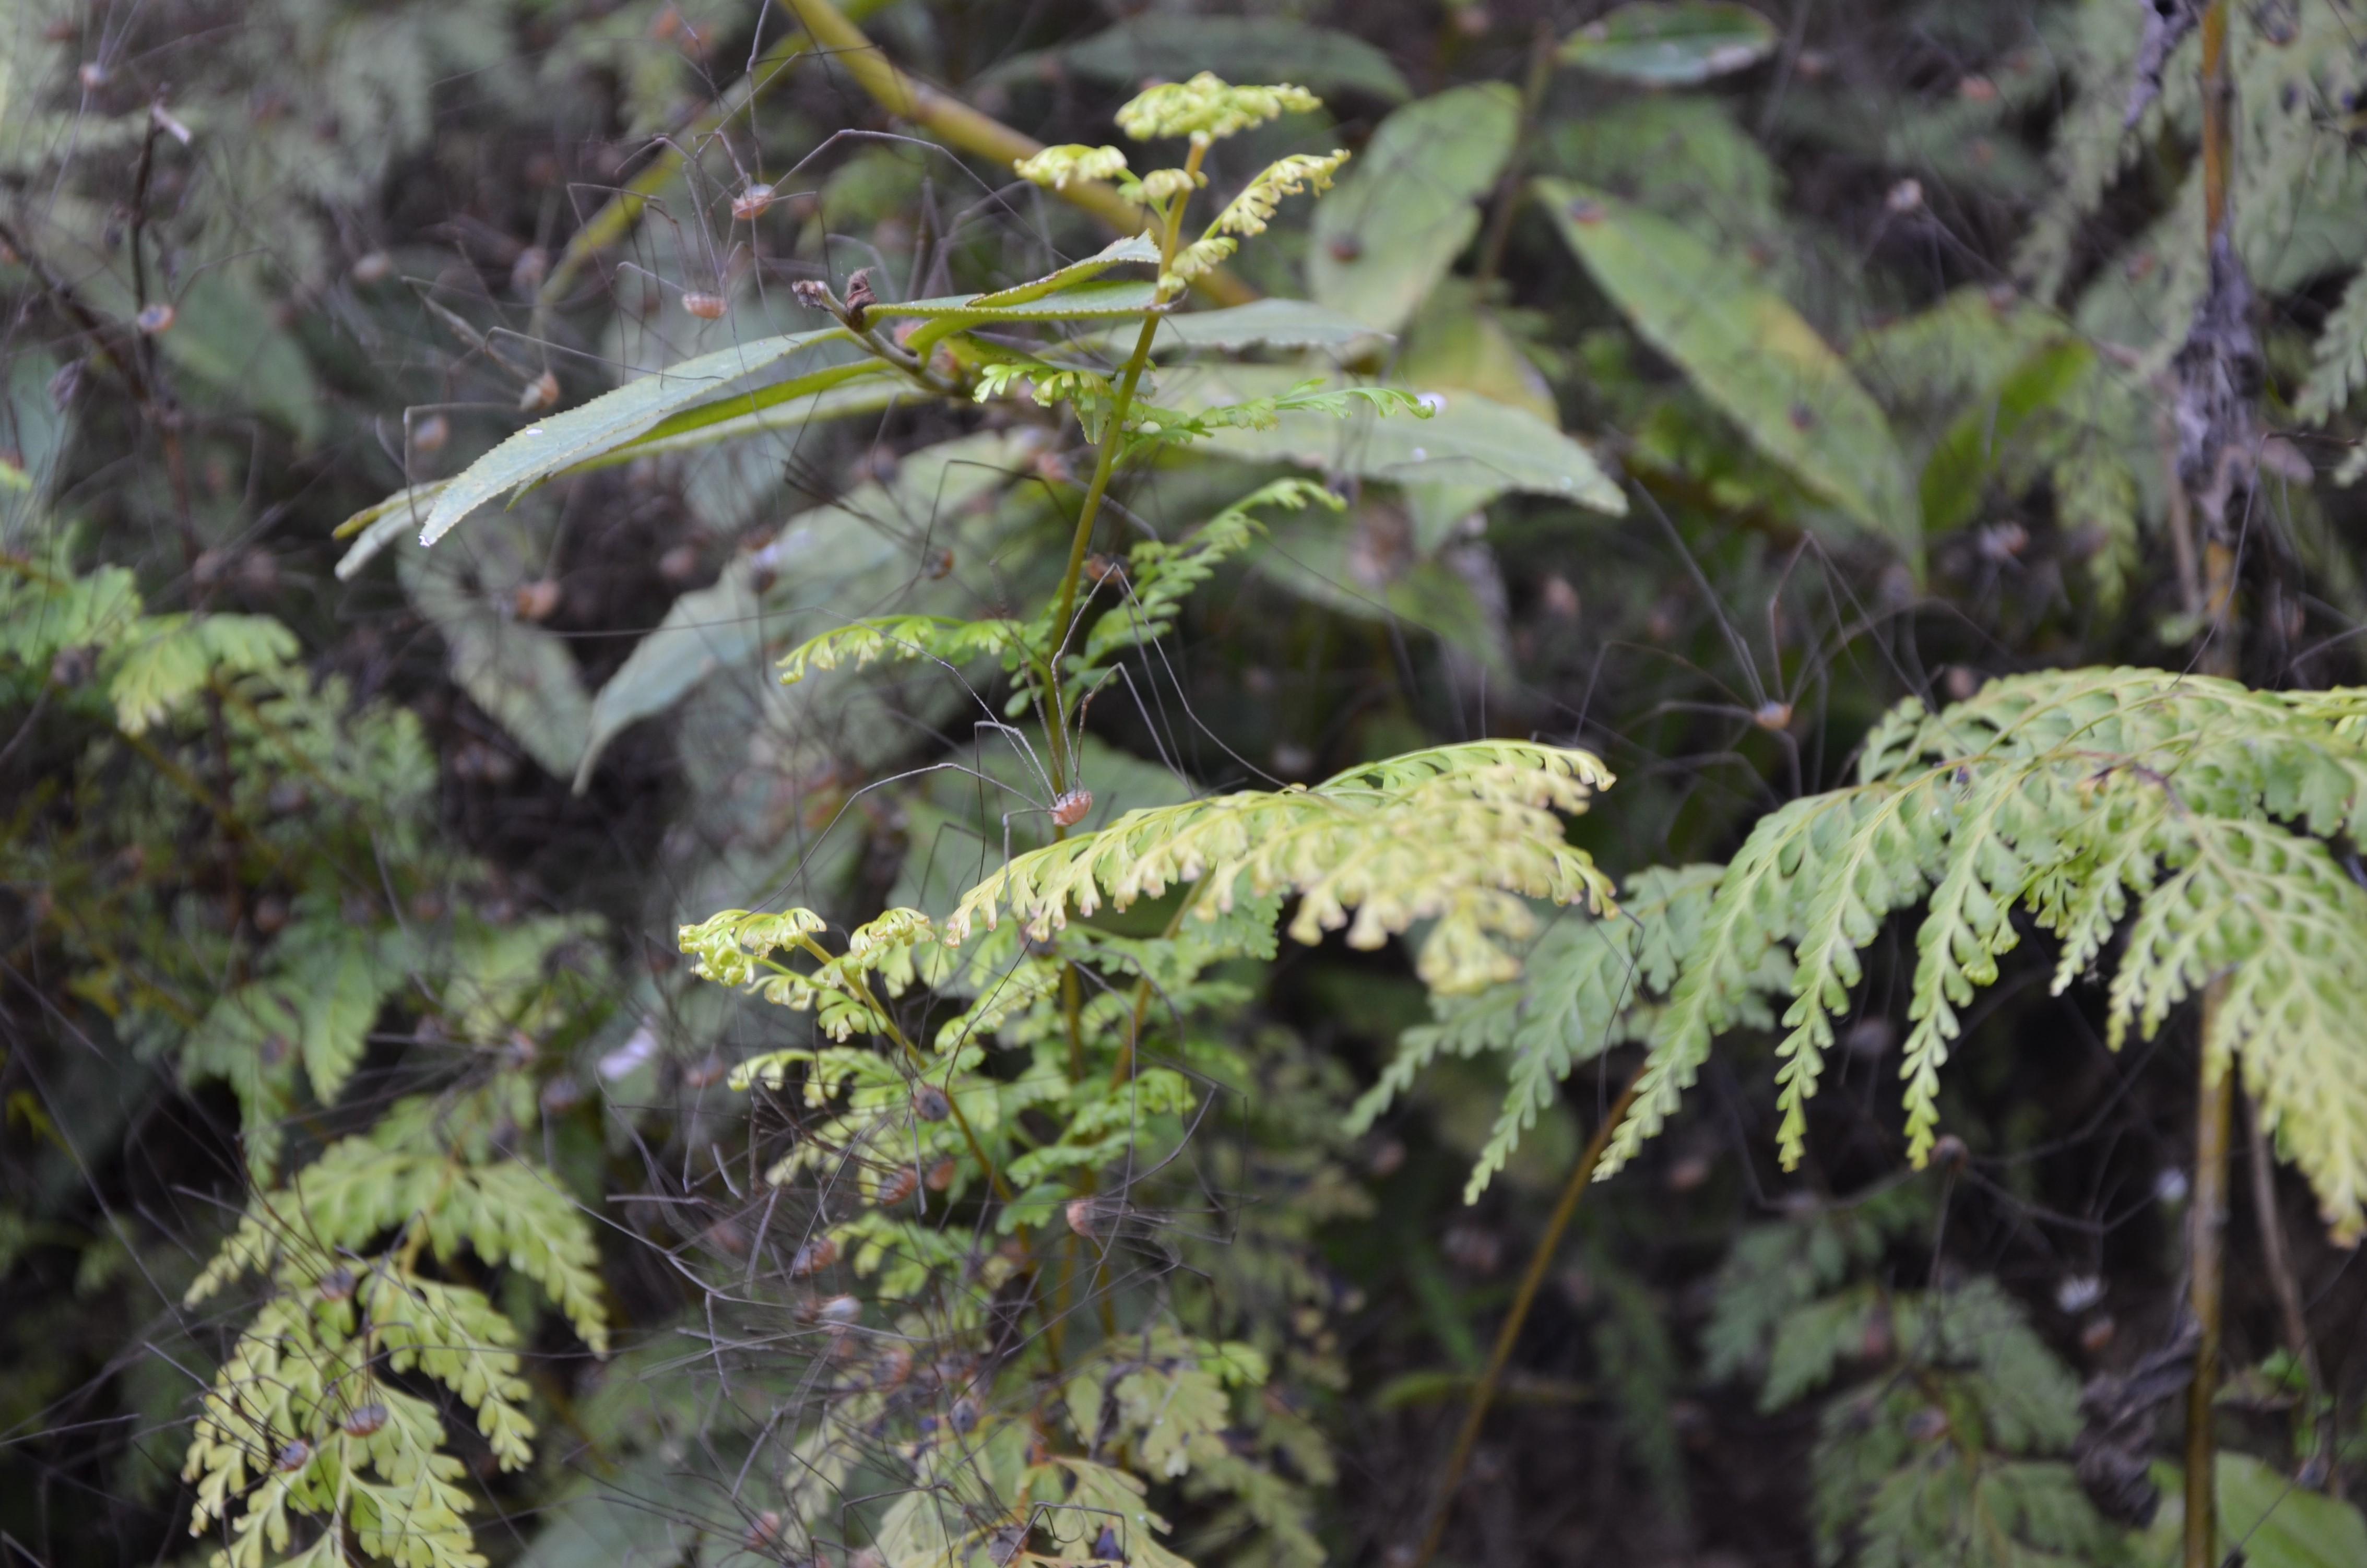 Нави и длинношеие женщины: поход в таиландские джунгли Нави и длинношеие женщины: поход в таиландские джунгли DSC 0753